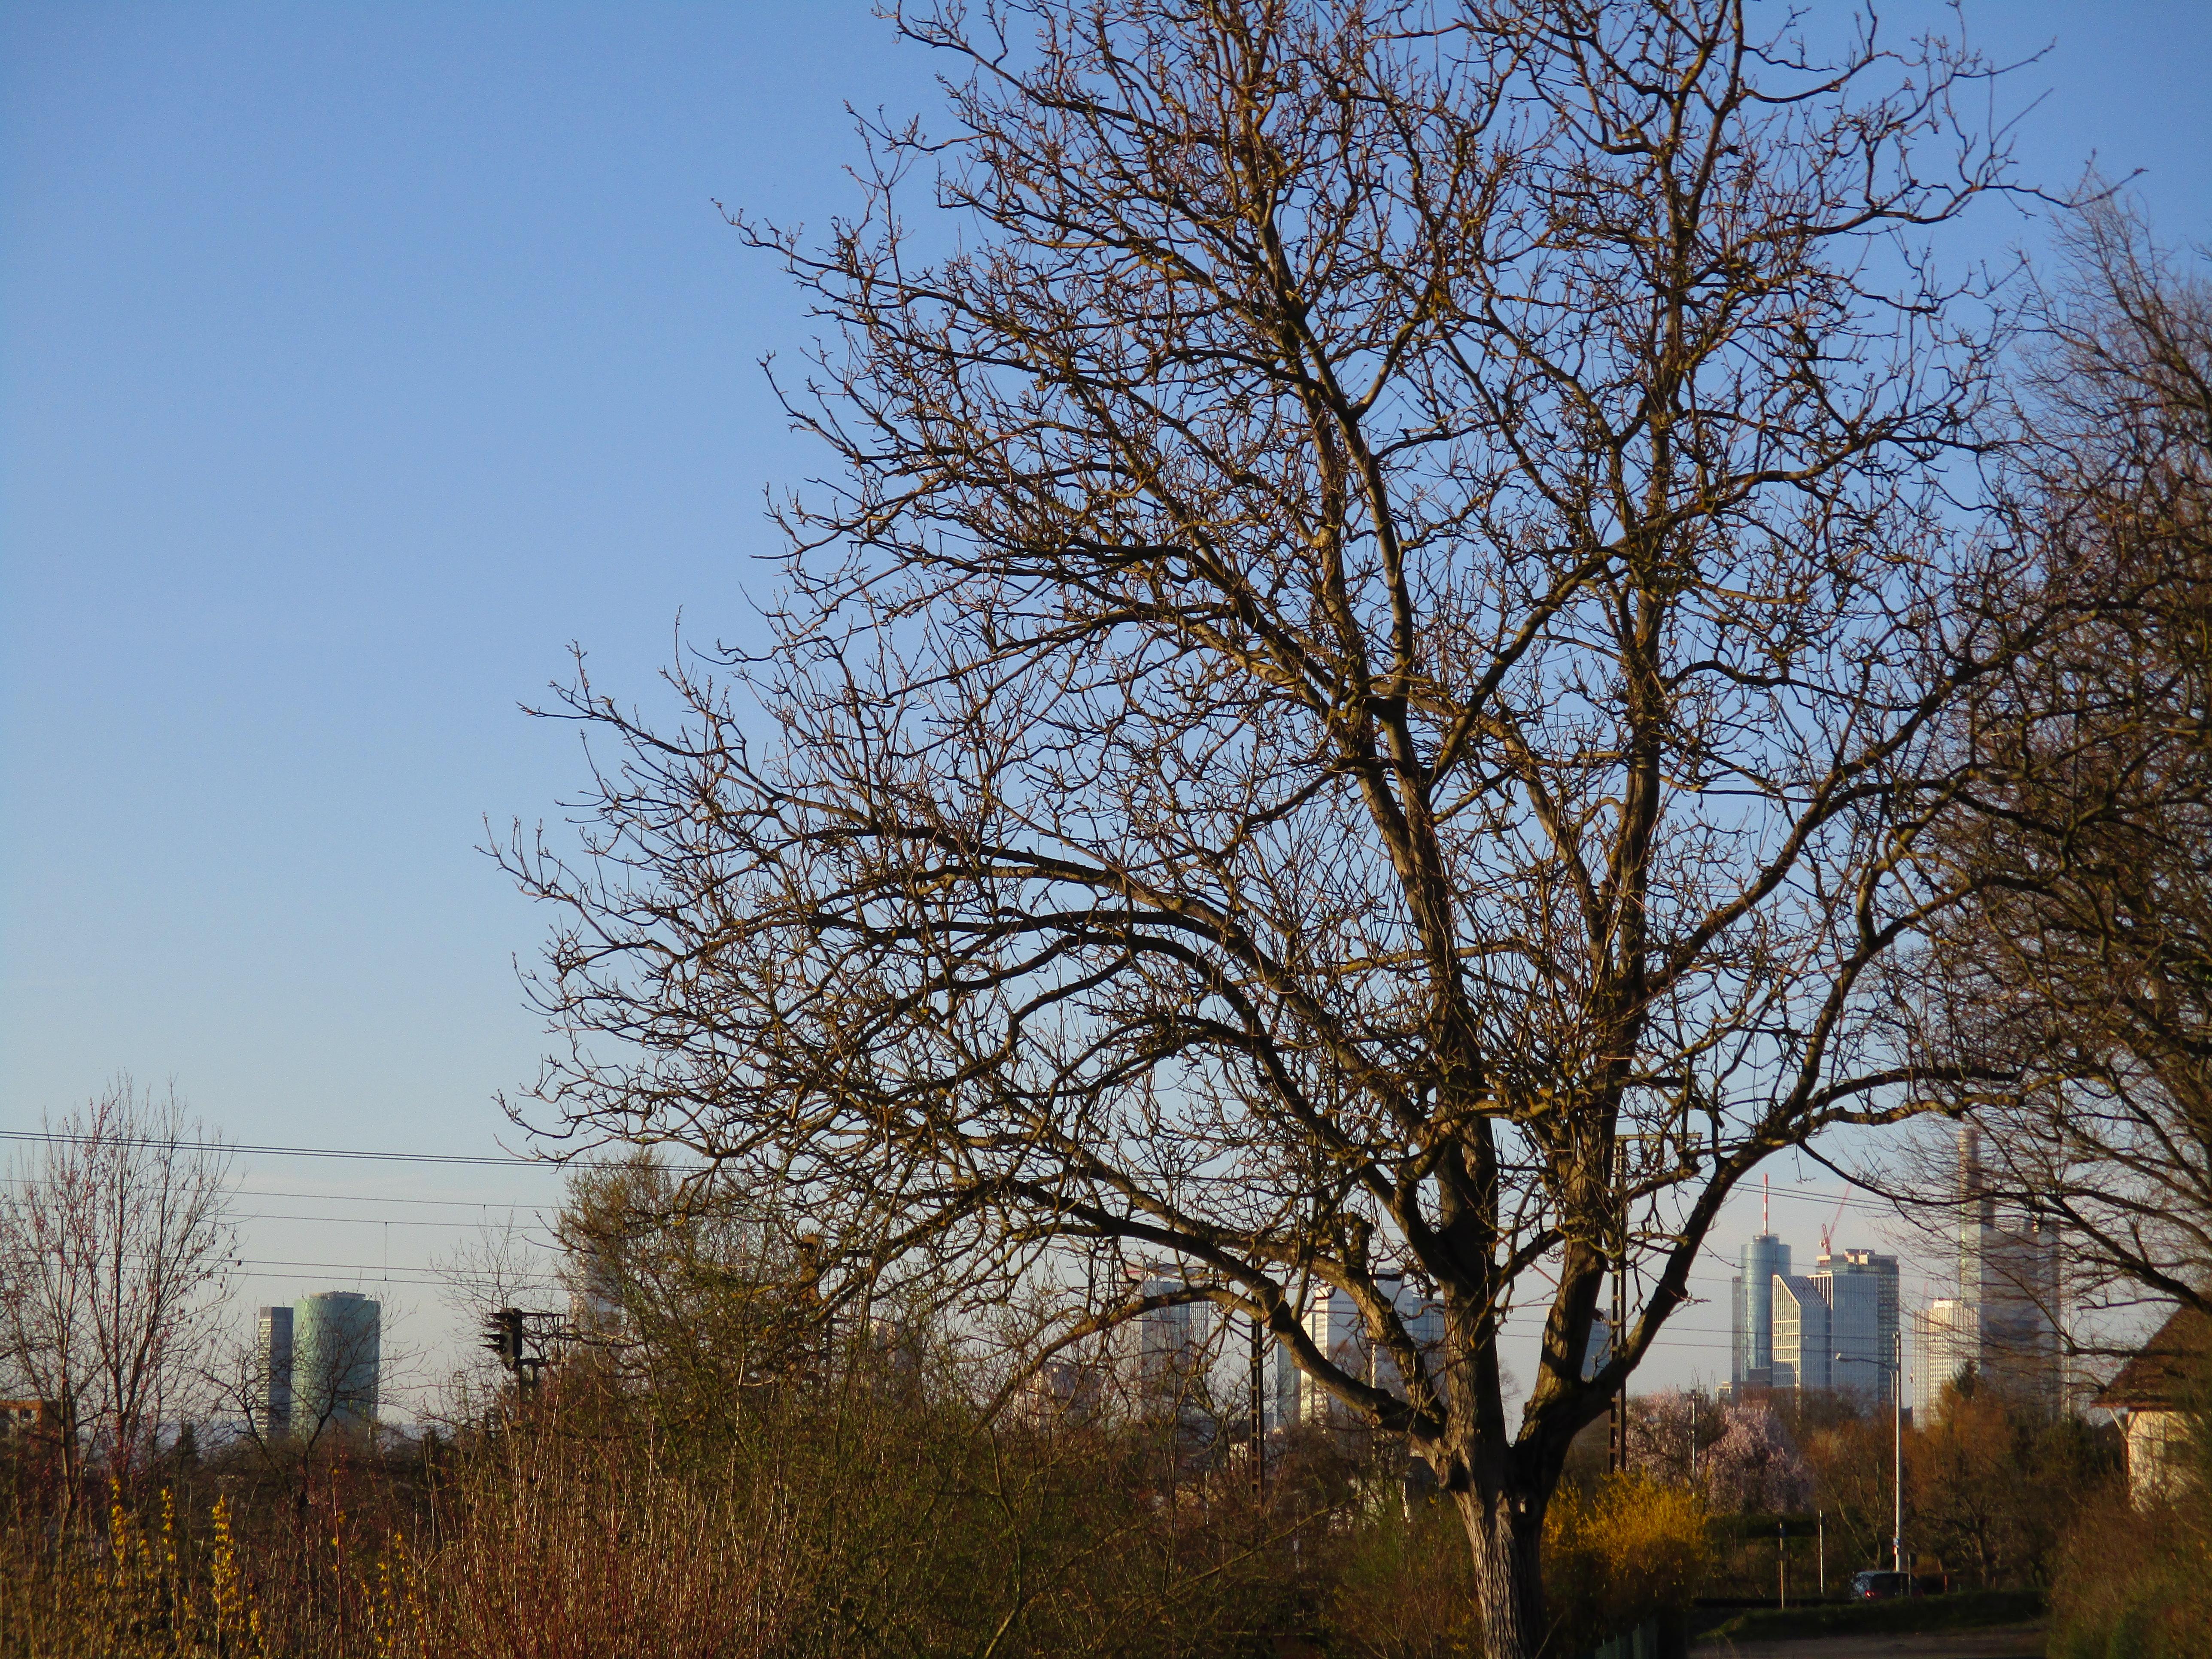 Frankfurter Skyline im Hintergrund, mit einem Baum davor und viel grün.